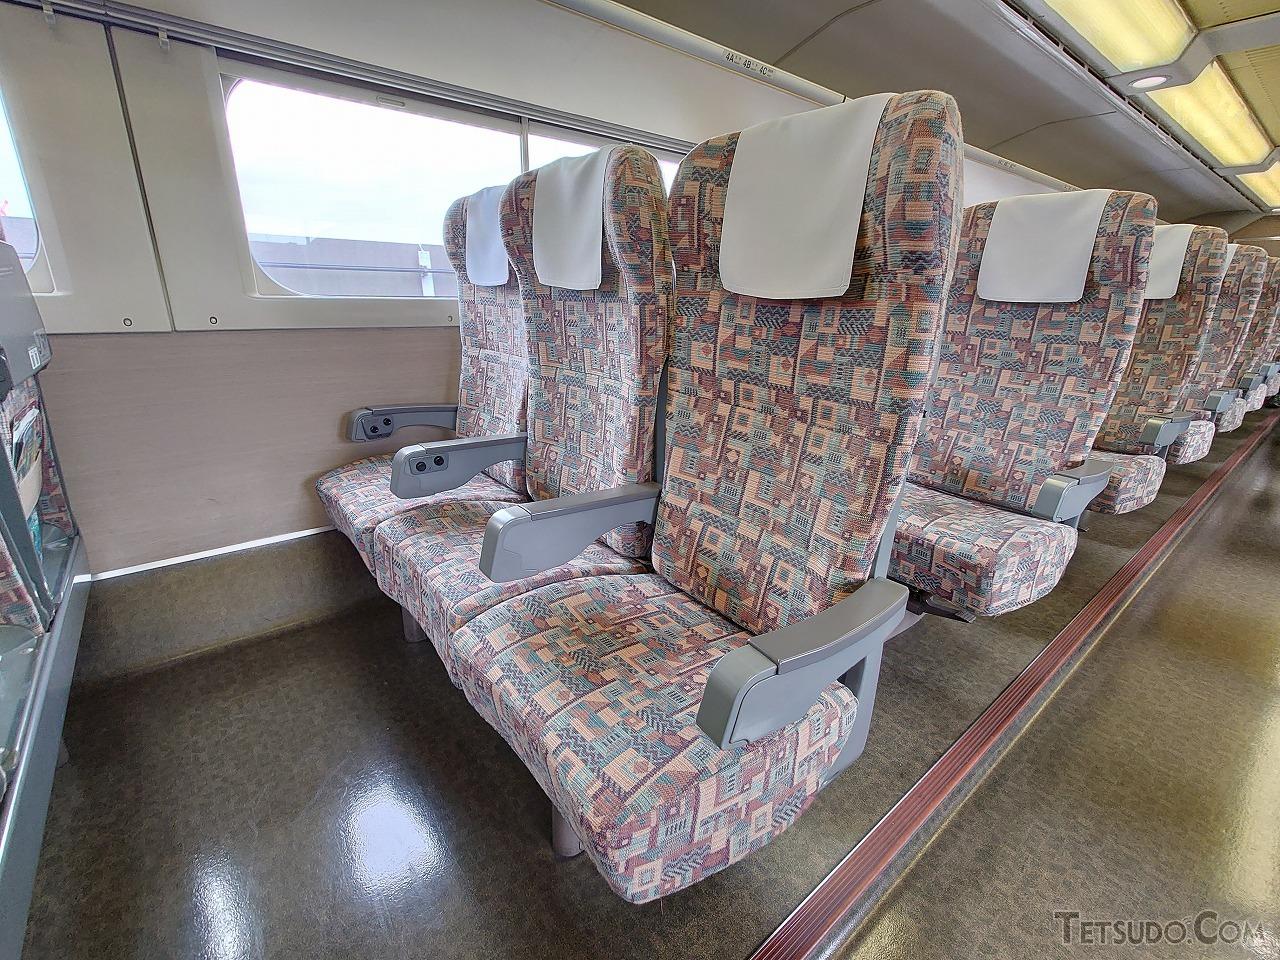 中央席(B席)が前傾姿勢となっているE4系の3列席